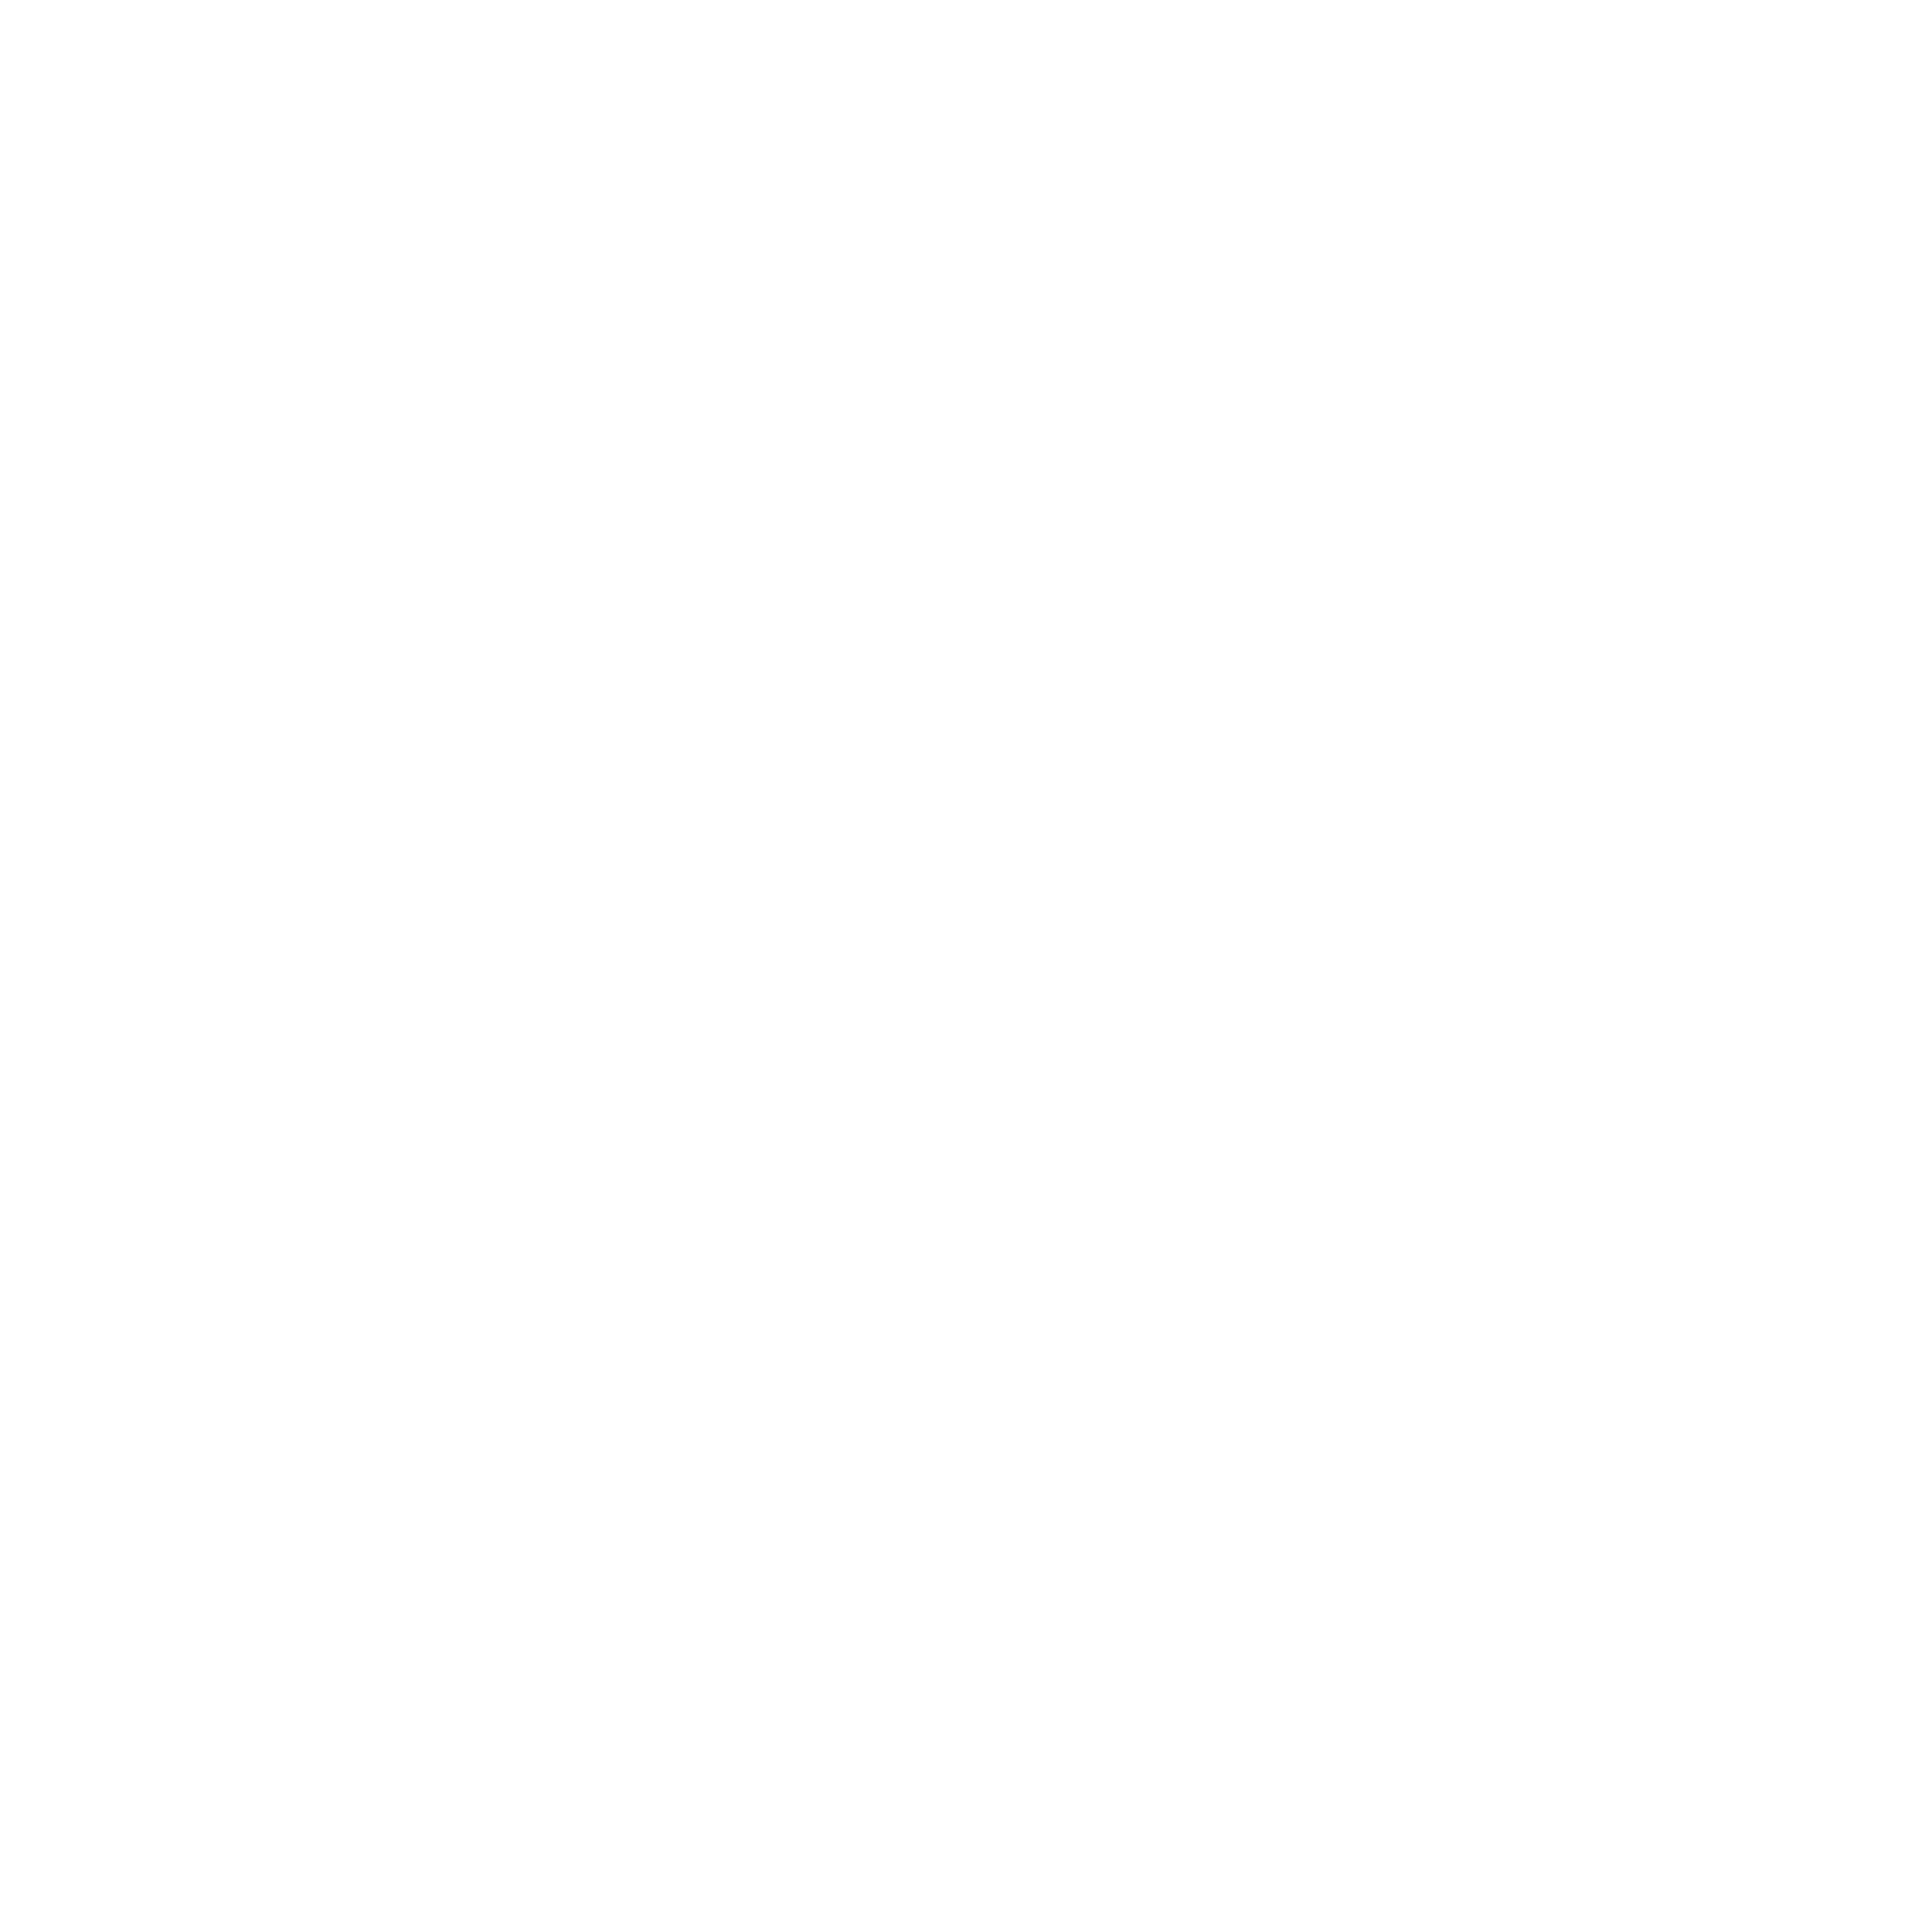 efvisual